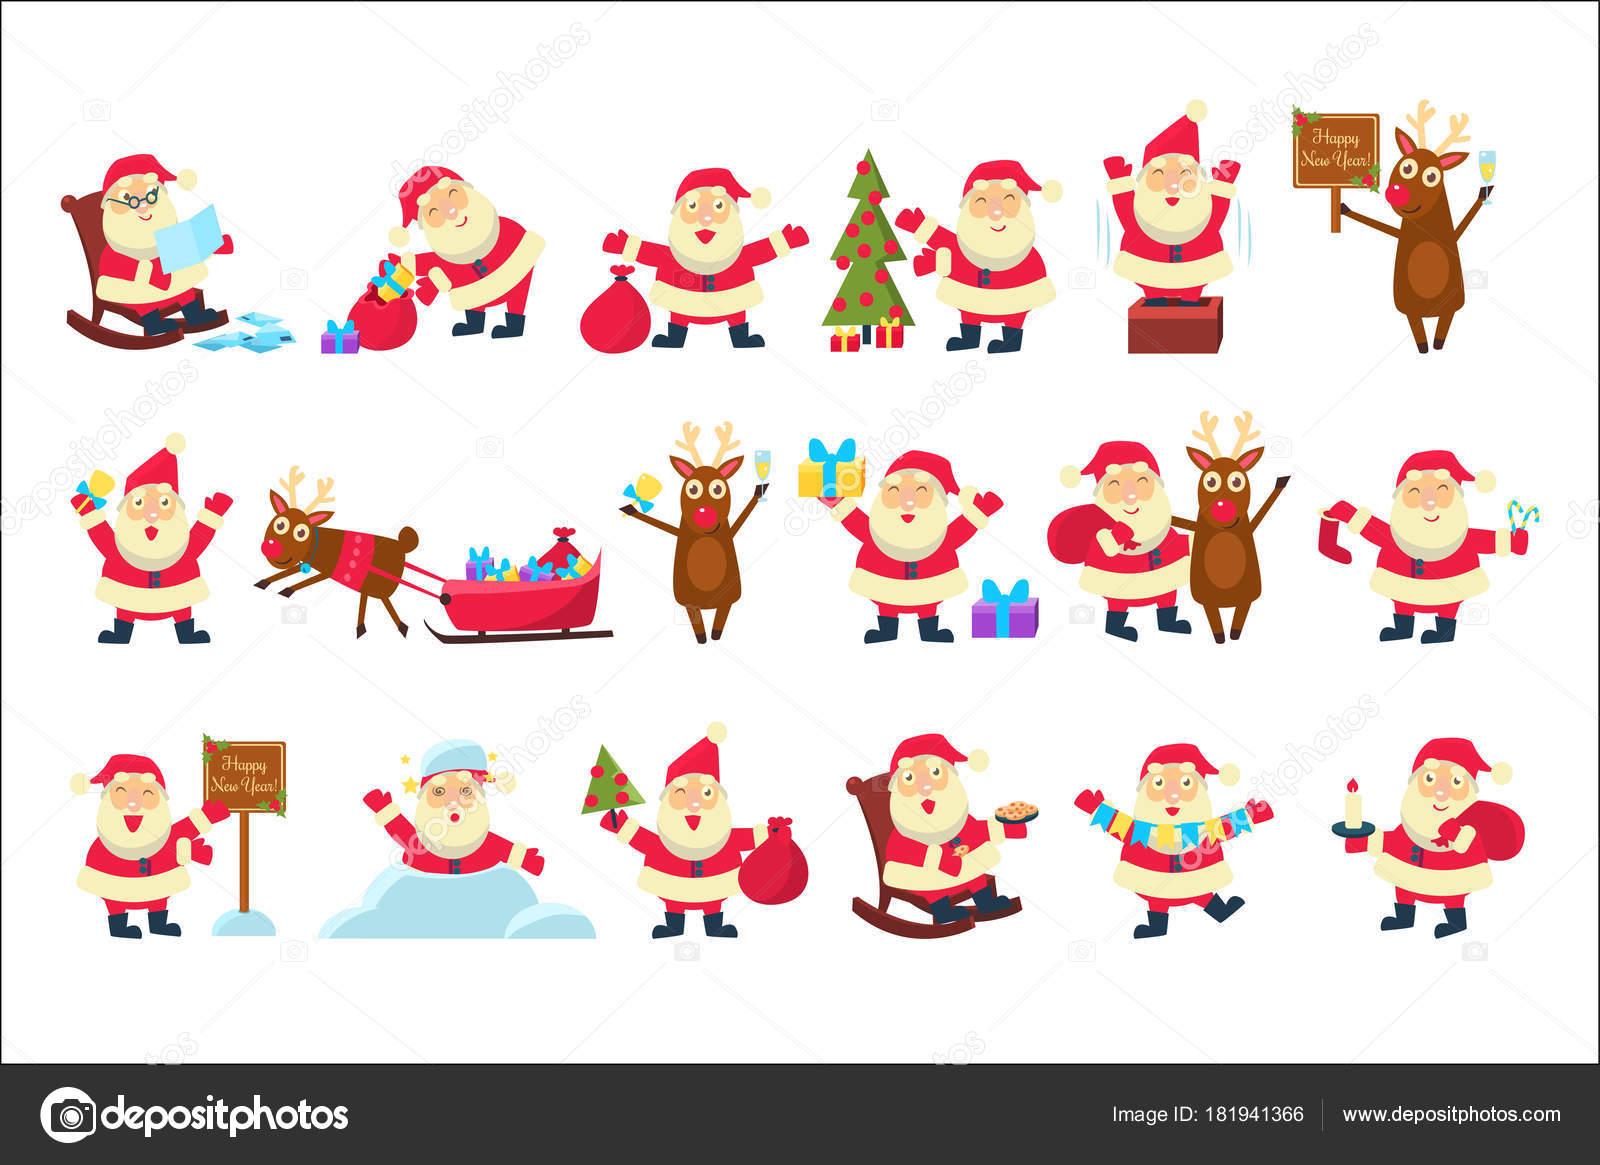 Juego Con Divertido Santa Claus En Diferentes Poses Feliz Navidad Y